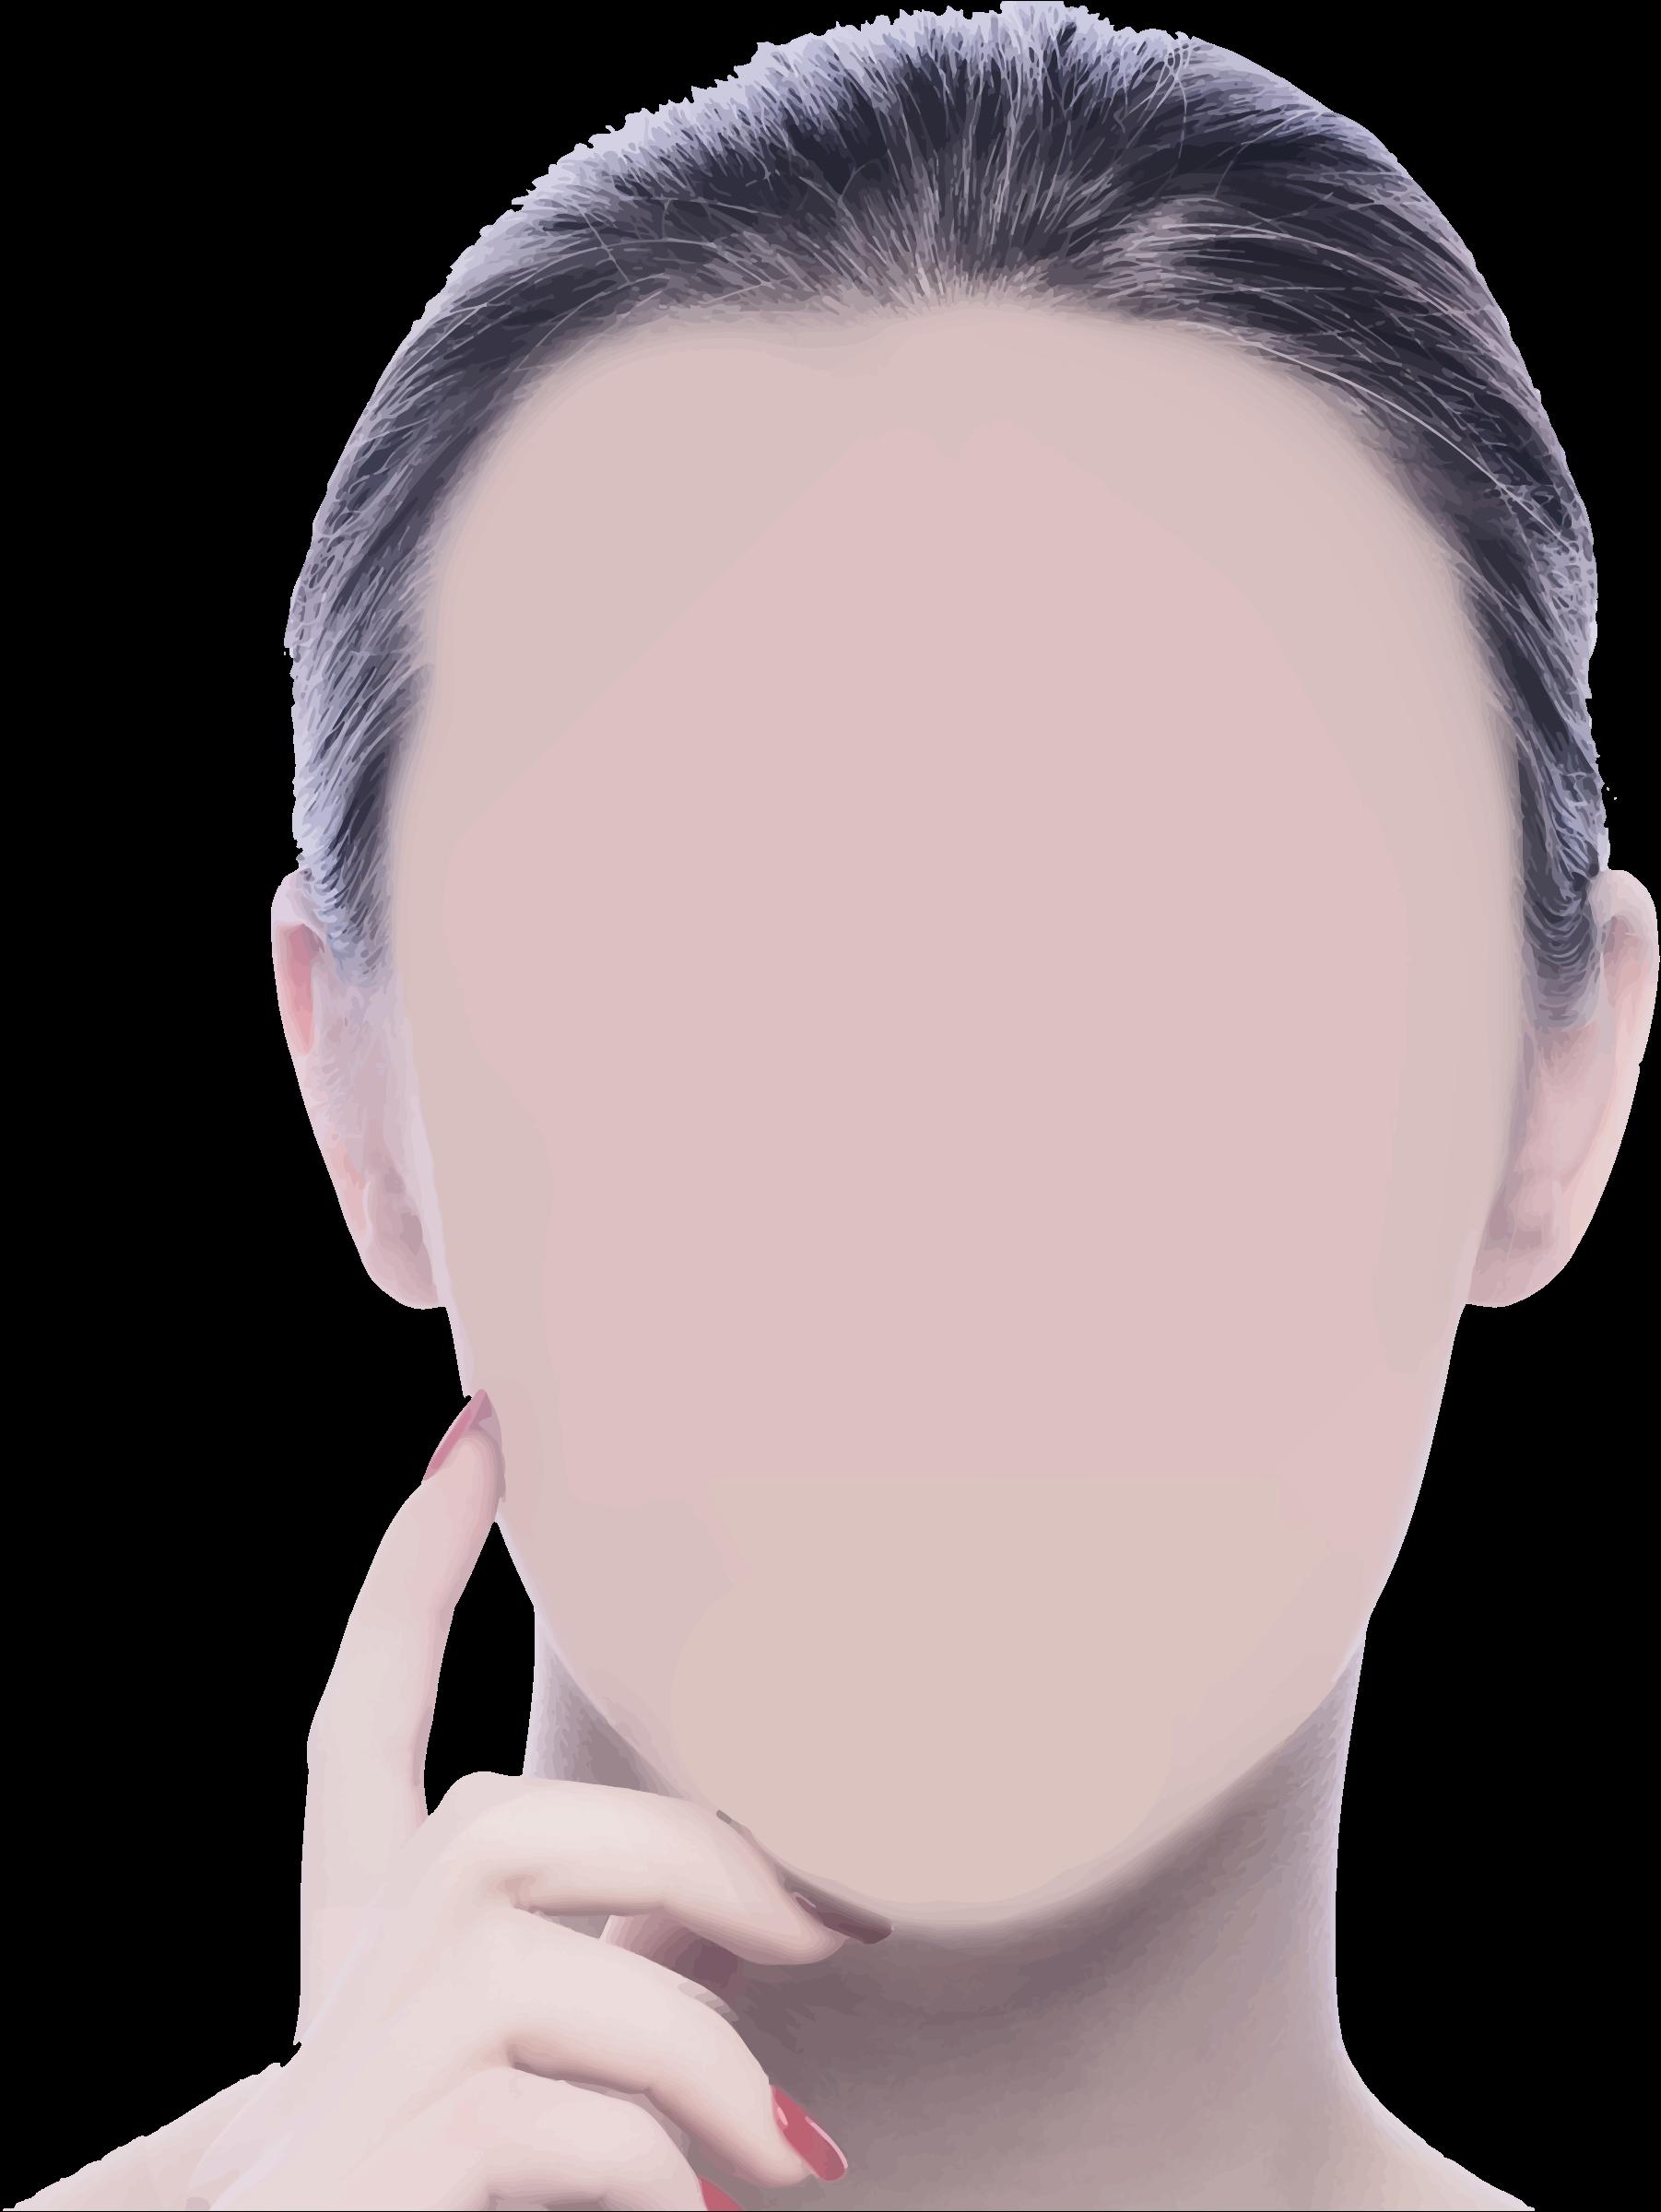 Blank face by Firkin